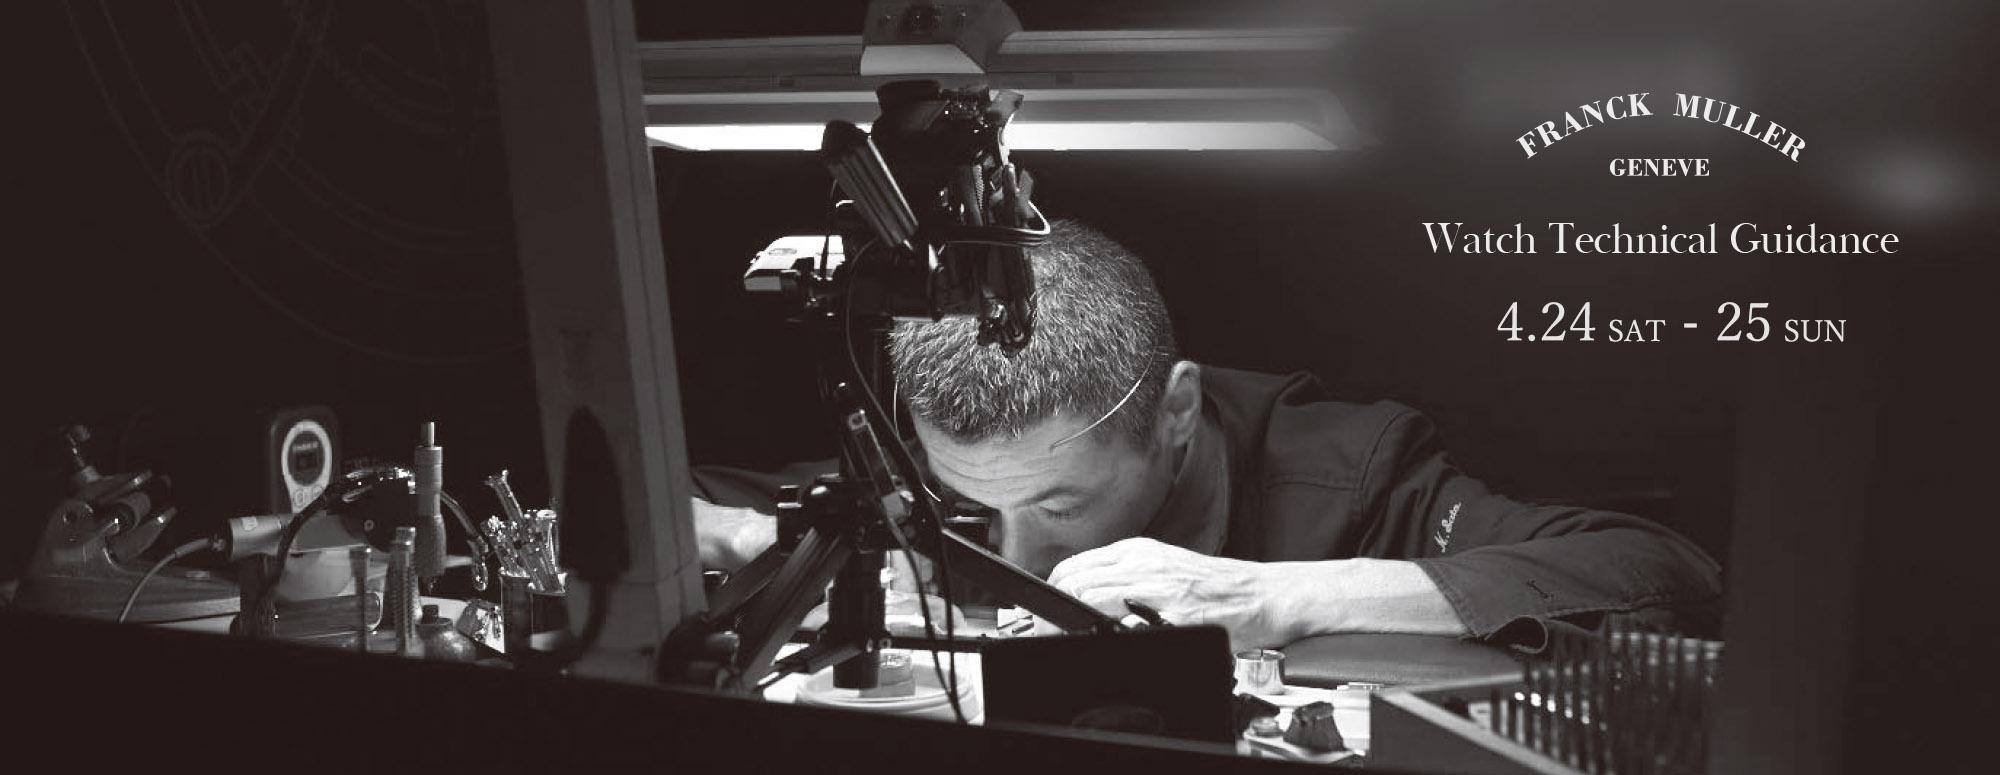 フランク ミュラー ウォッチ テクニカル ガイダンスPC